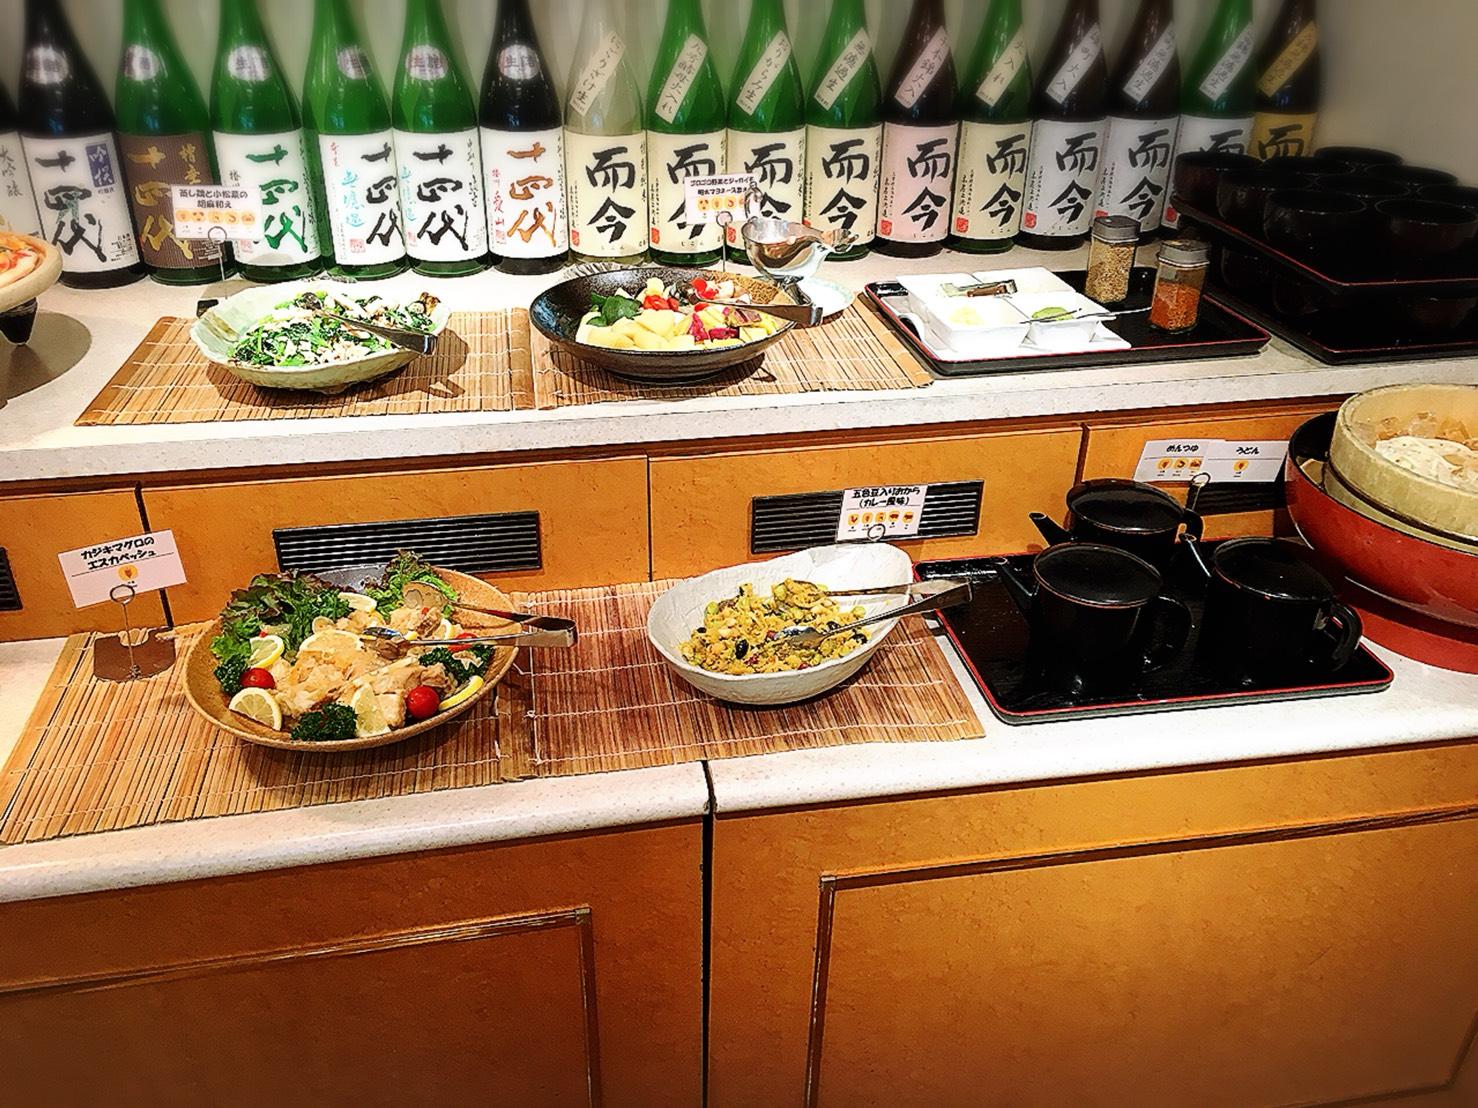 【池袋駅】安くて美味しい超人気ビュッフェ!池袋最強コスパ!?第一イン池袋レストラン「ピノ」のランチビュッフェ2